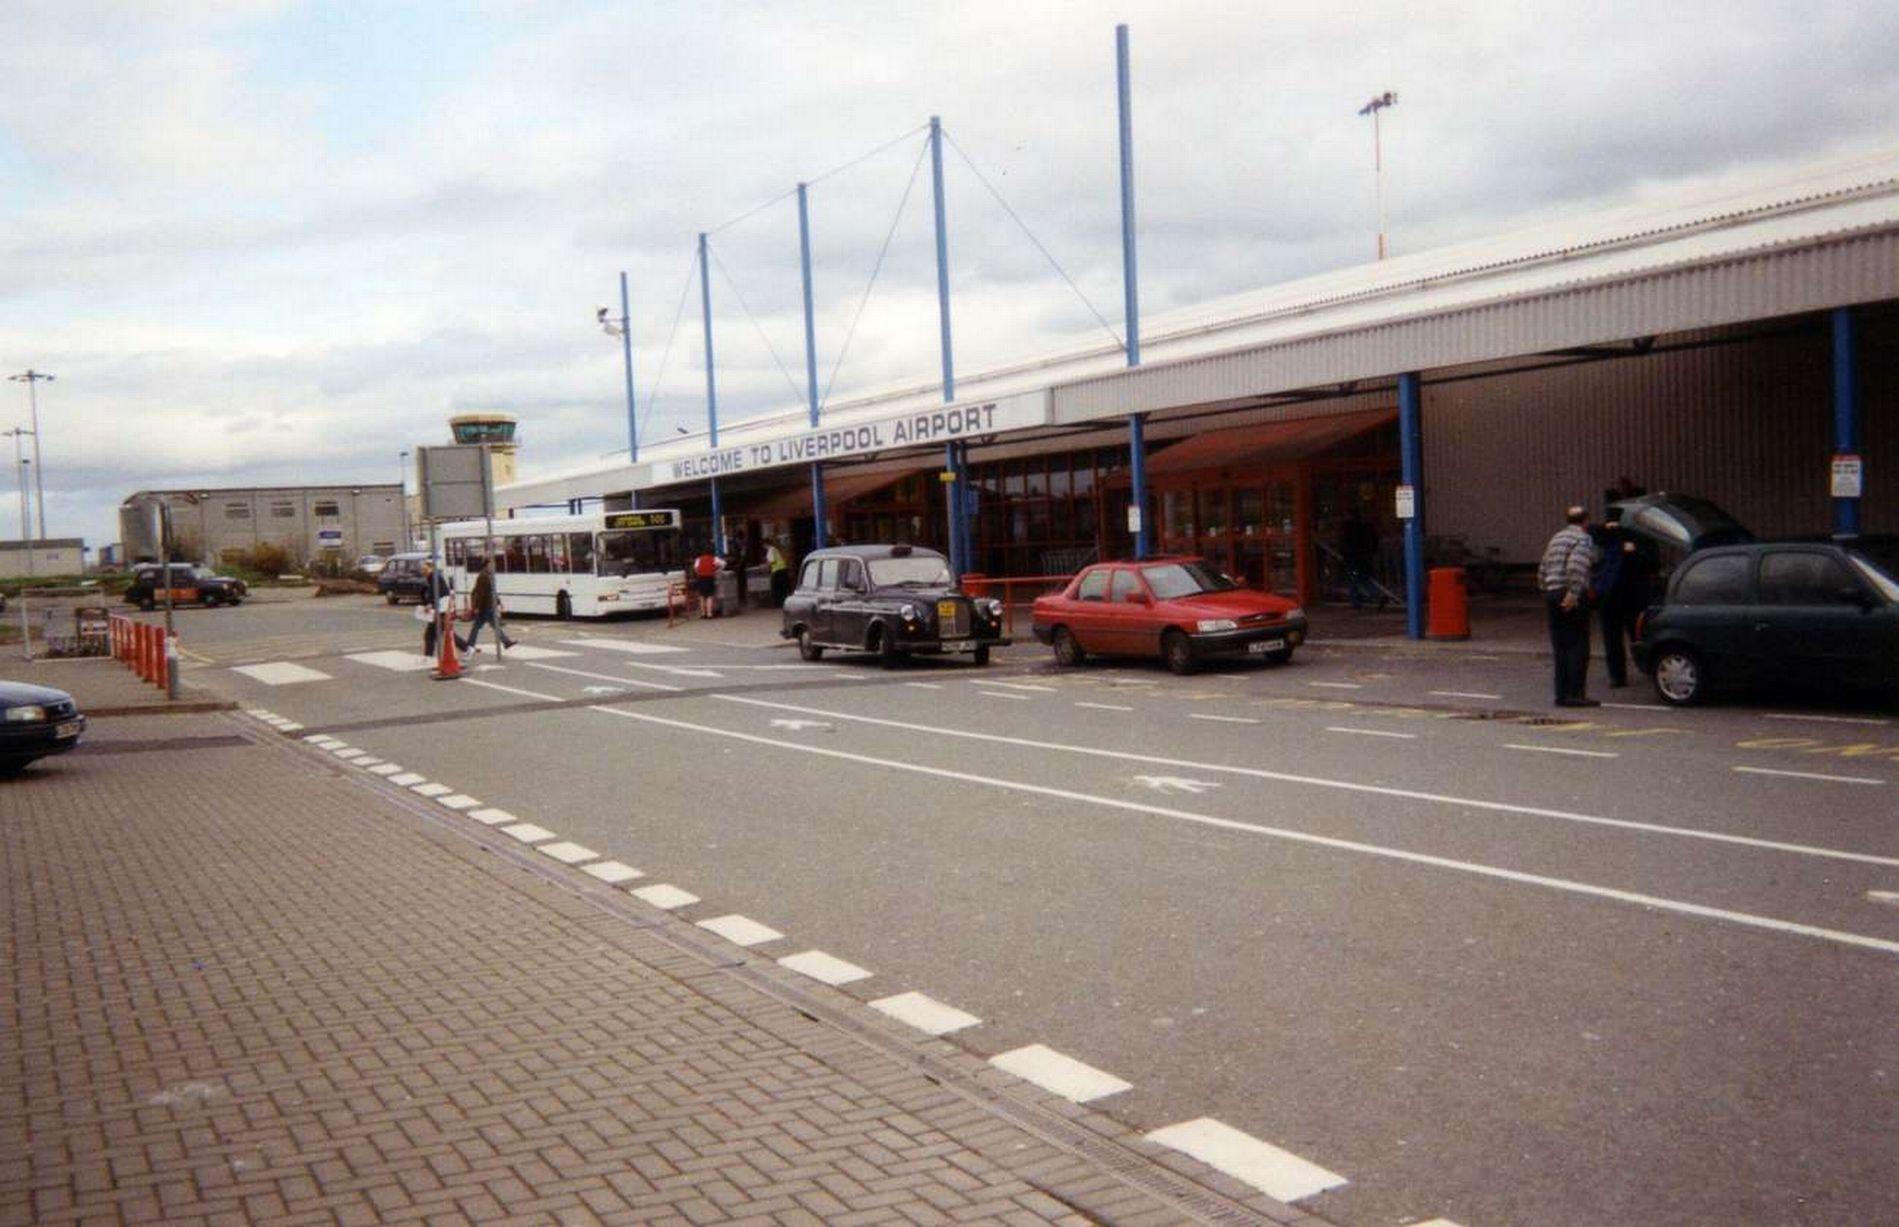 فرودگاه لیورپول